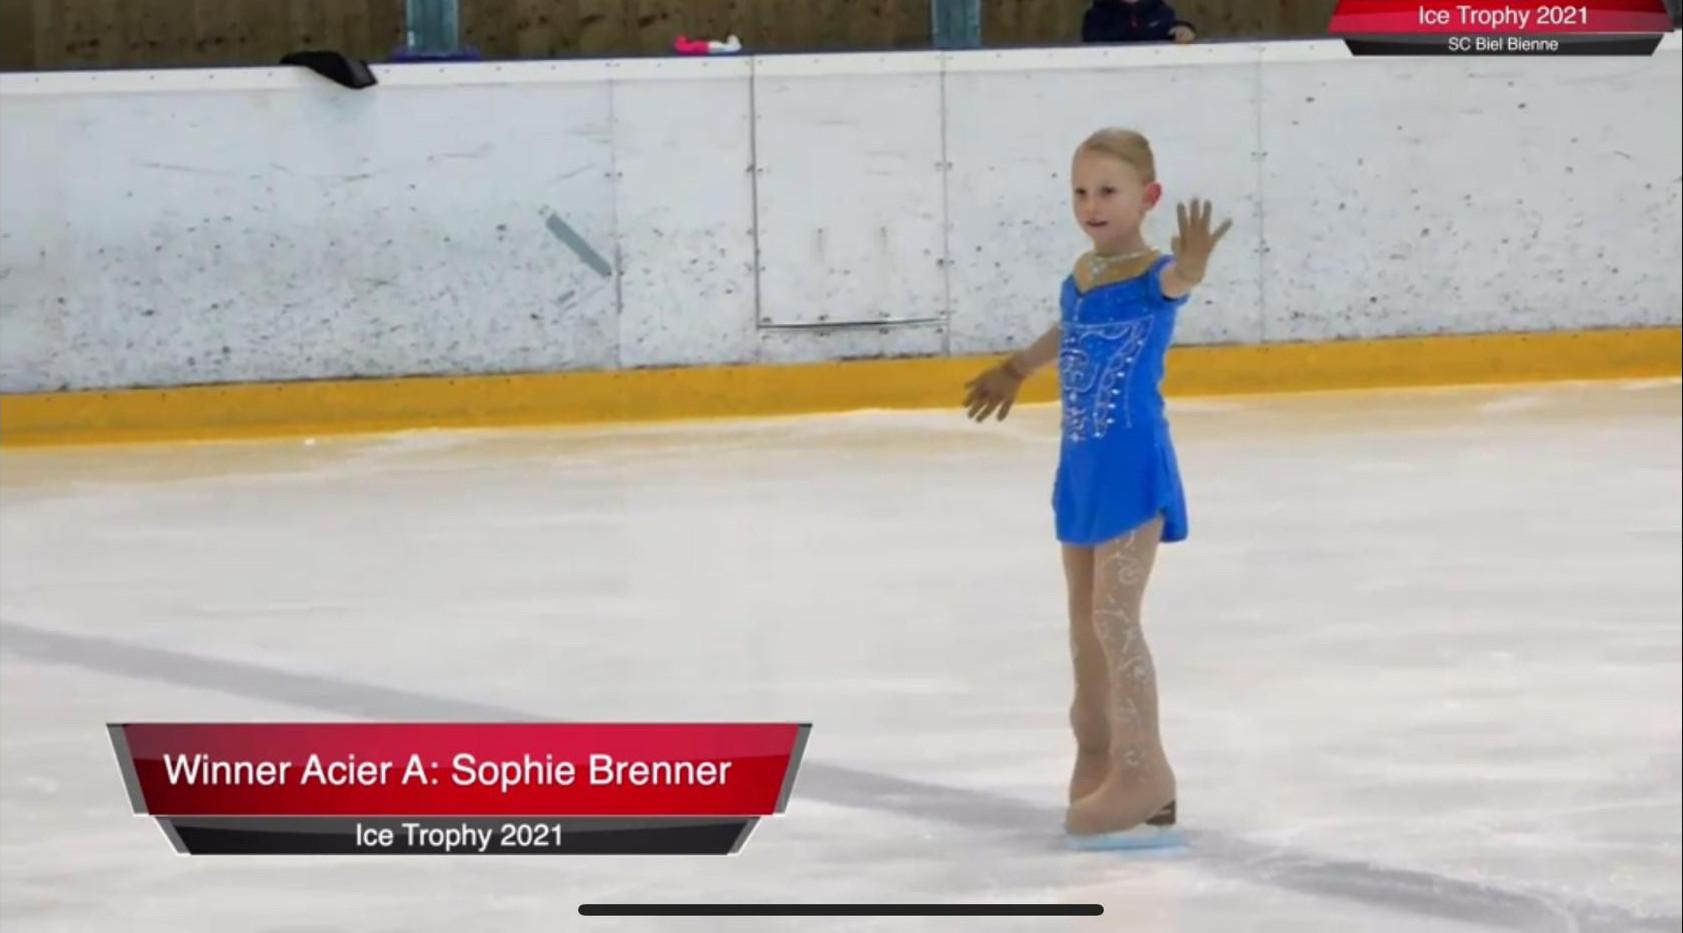 Virtuelle Ice-Trophy 2021 in Biel